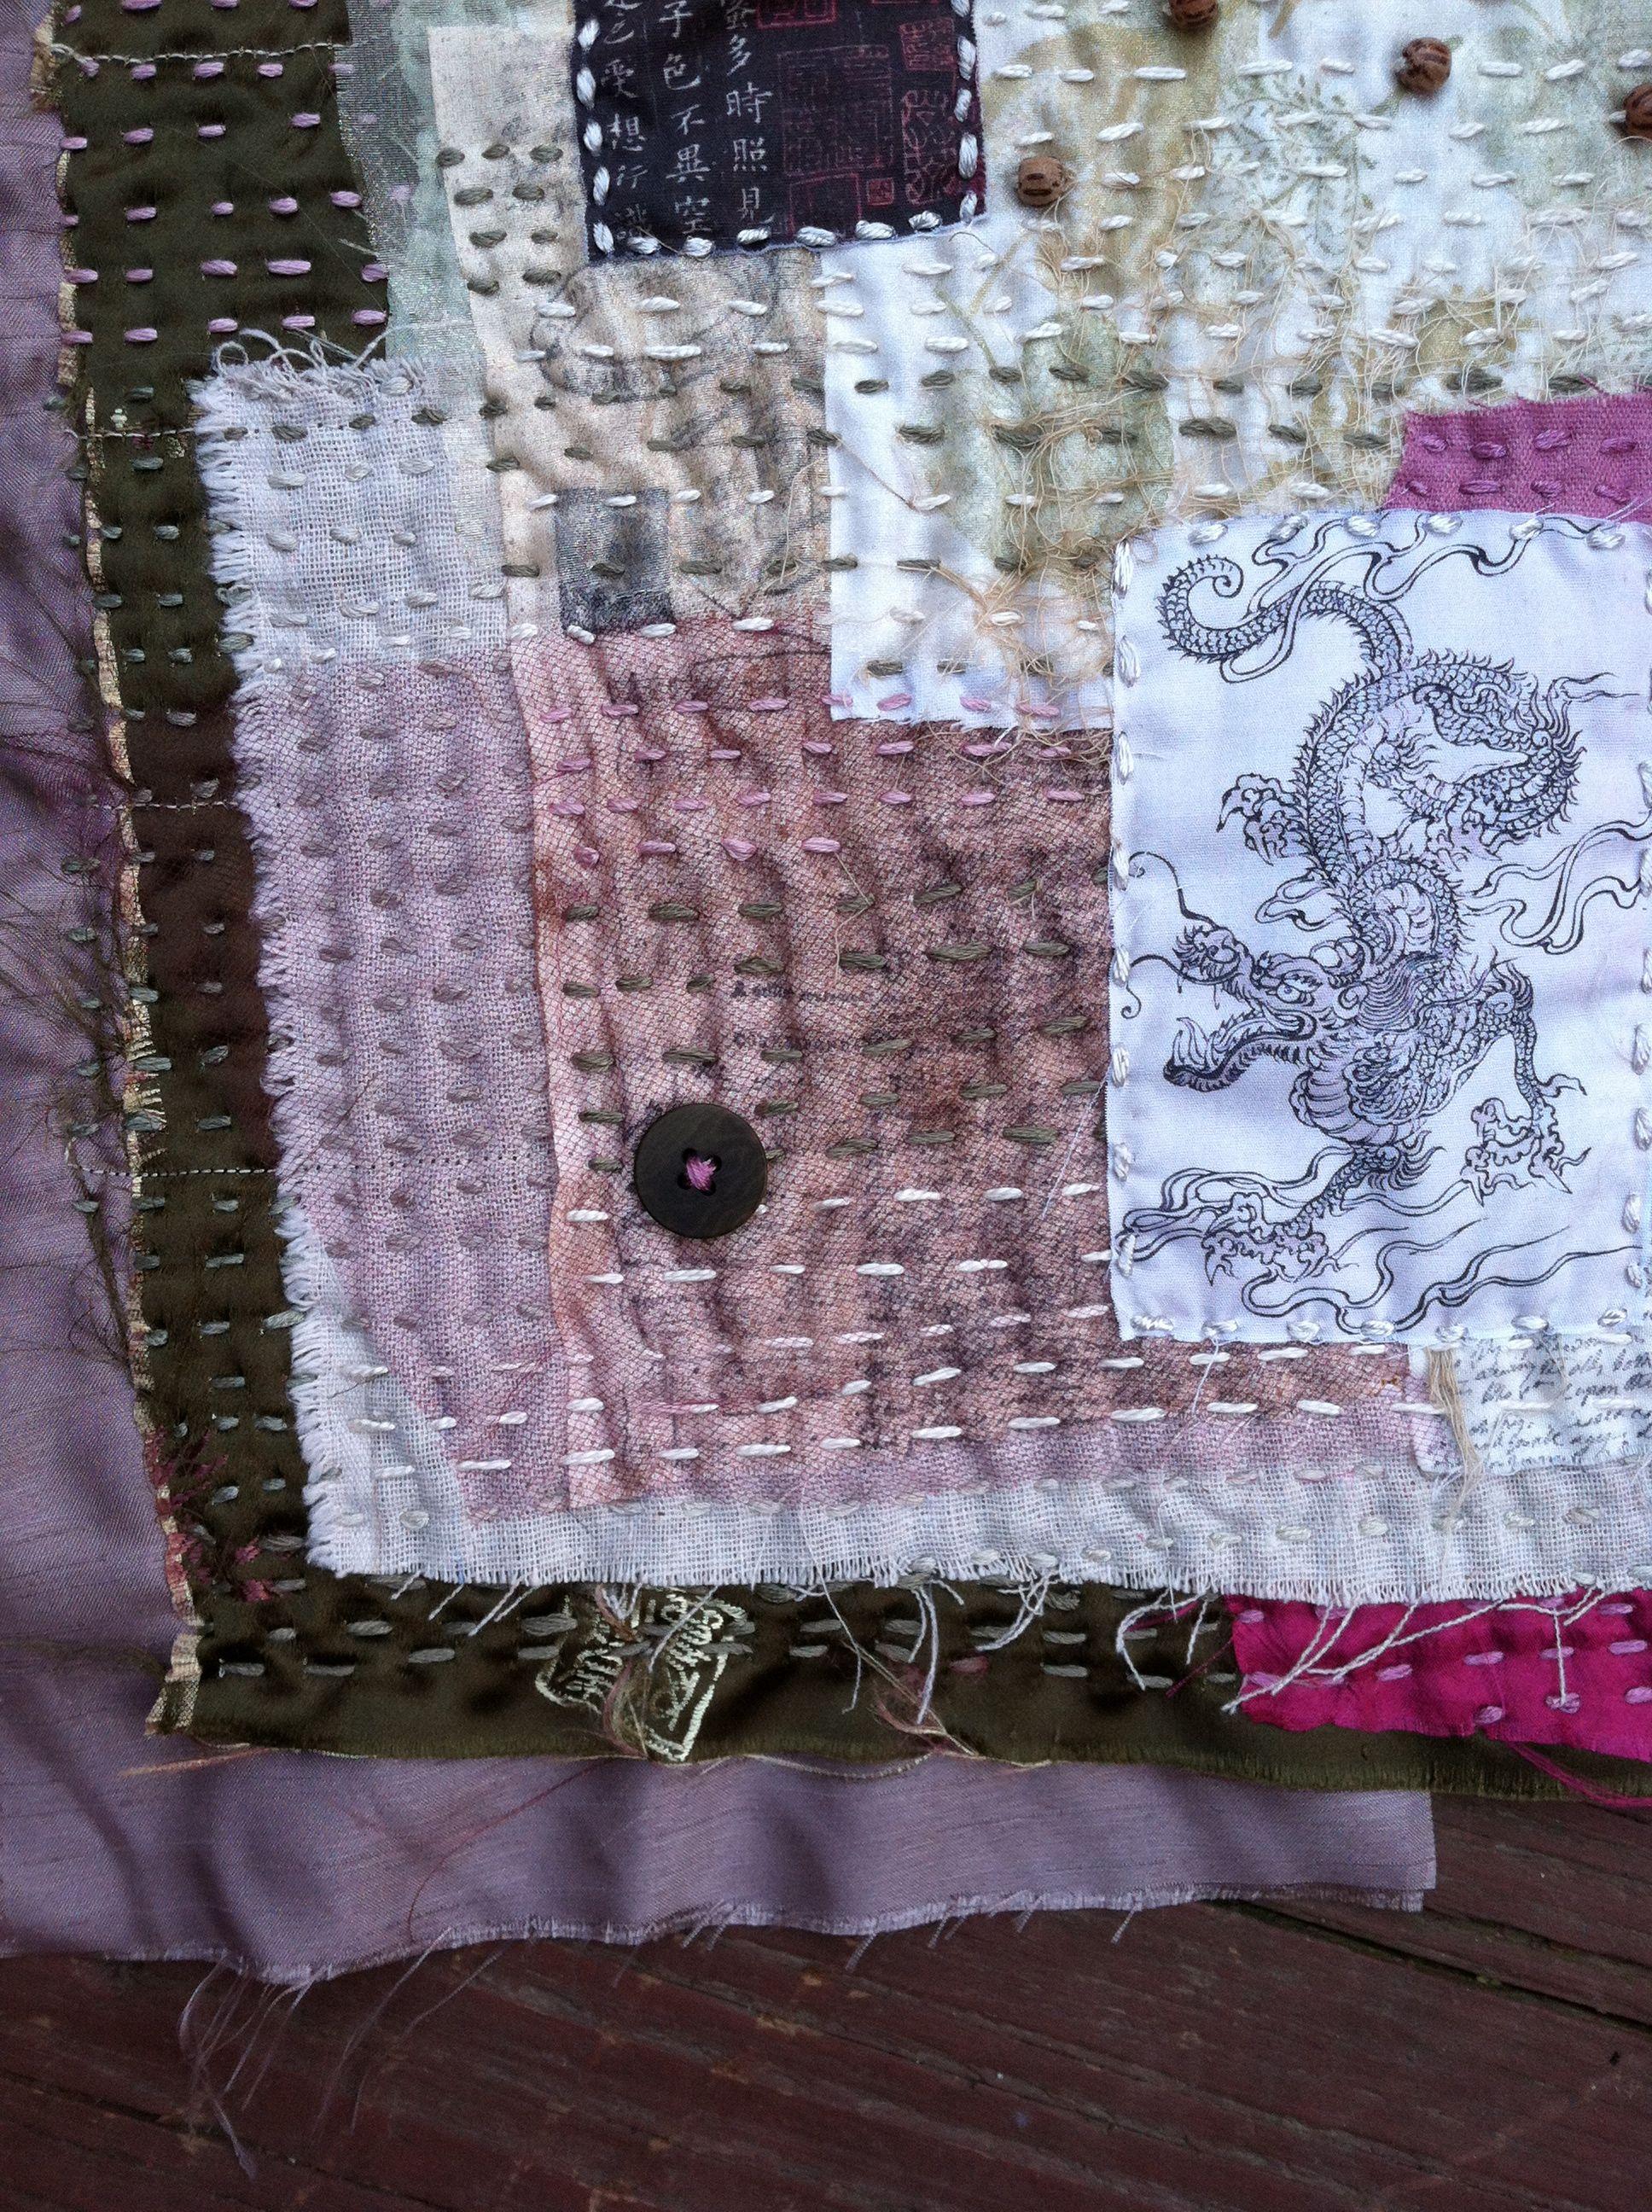 Stitch detail by Natalie Turner-Jones